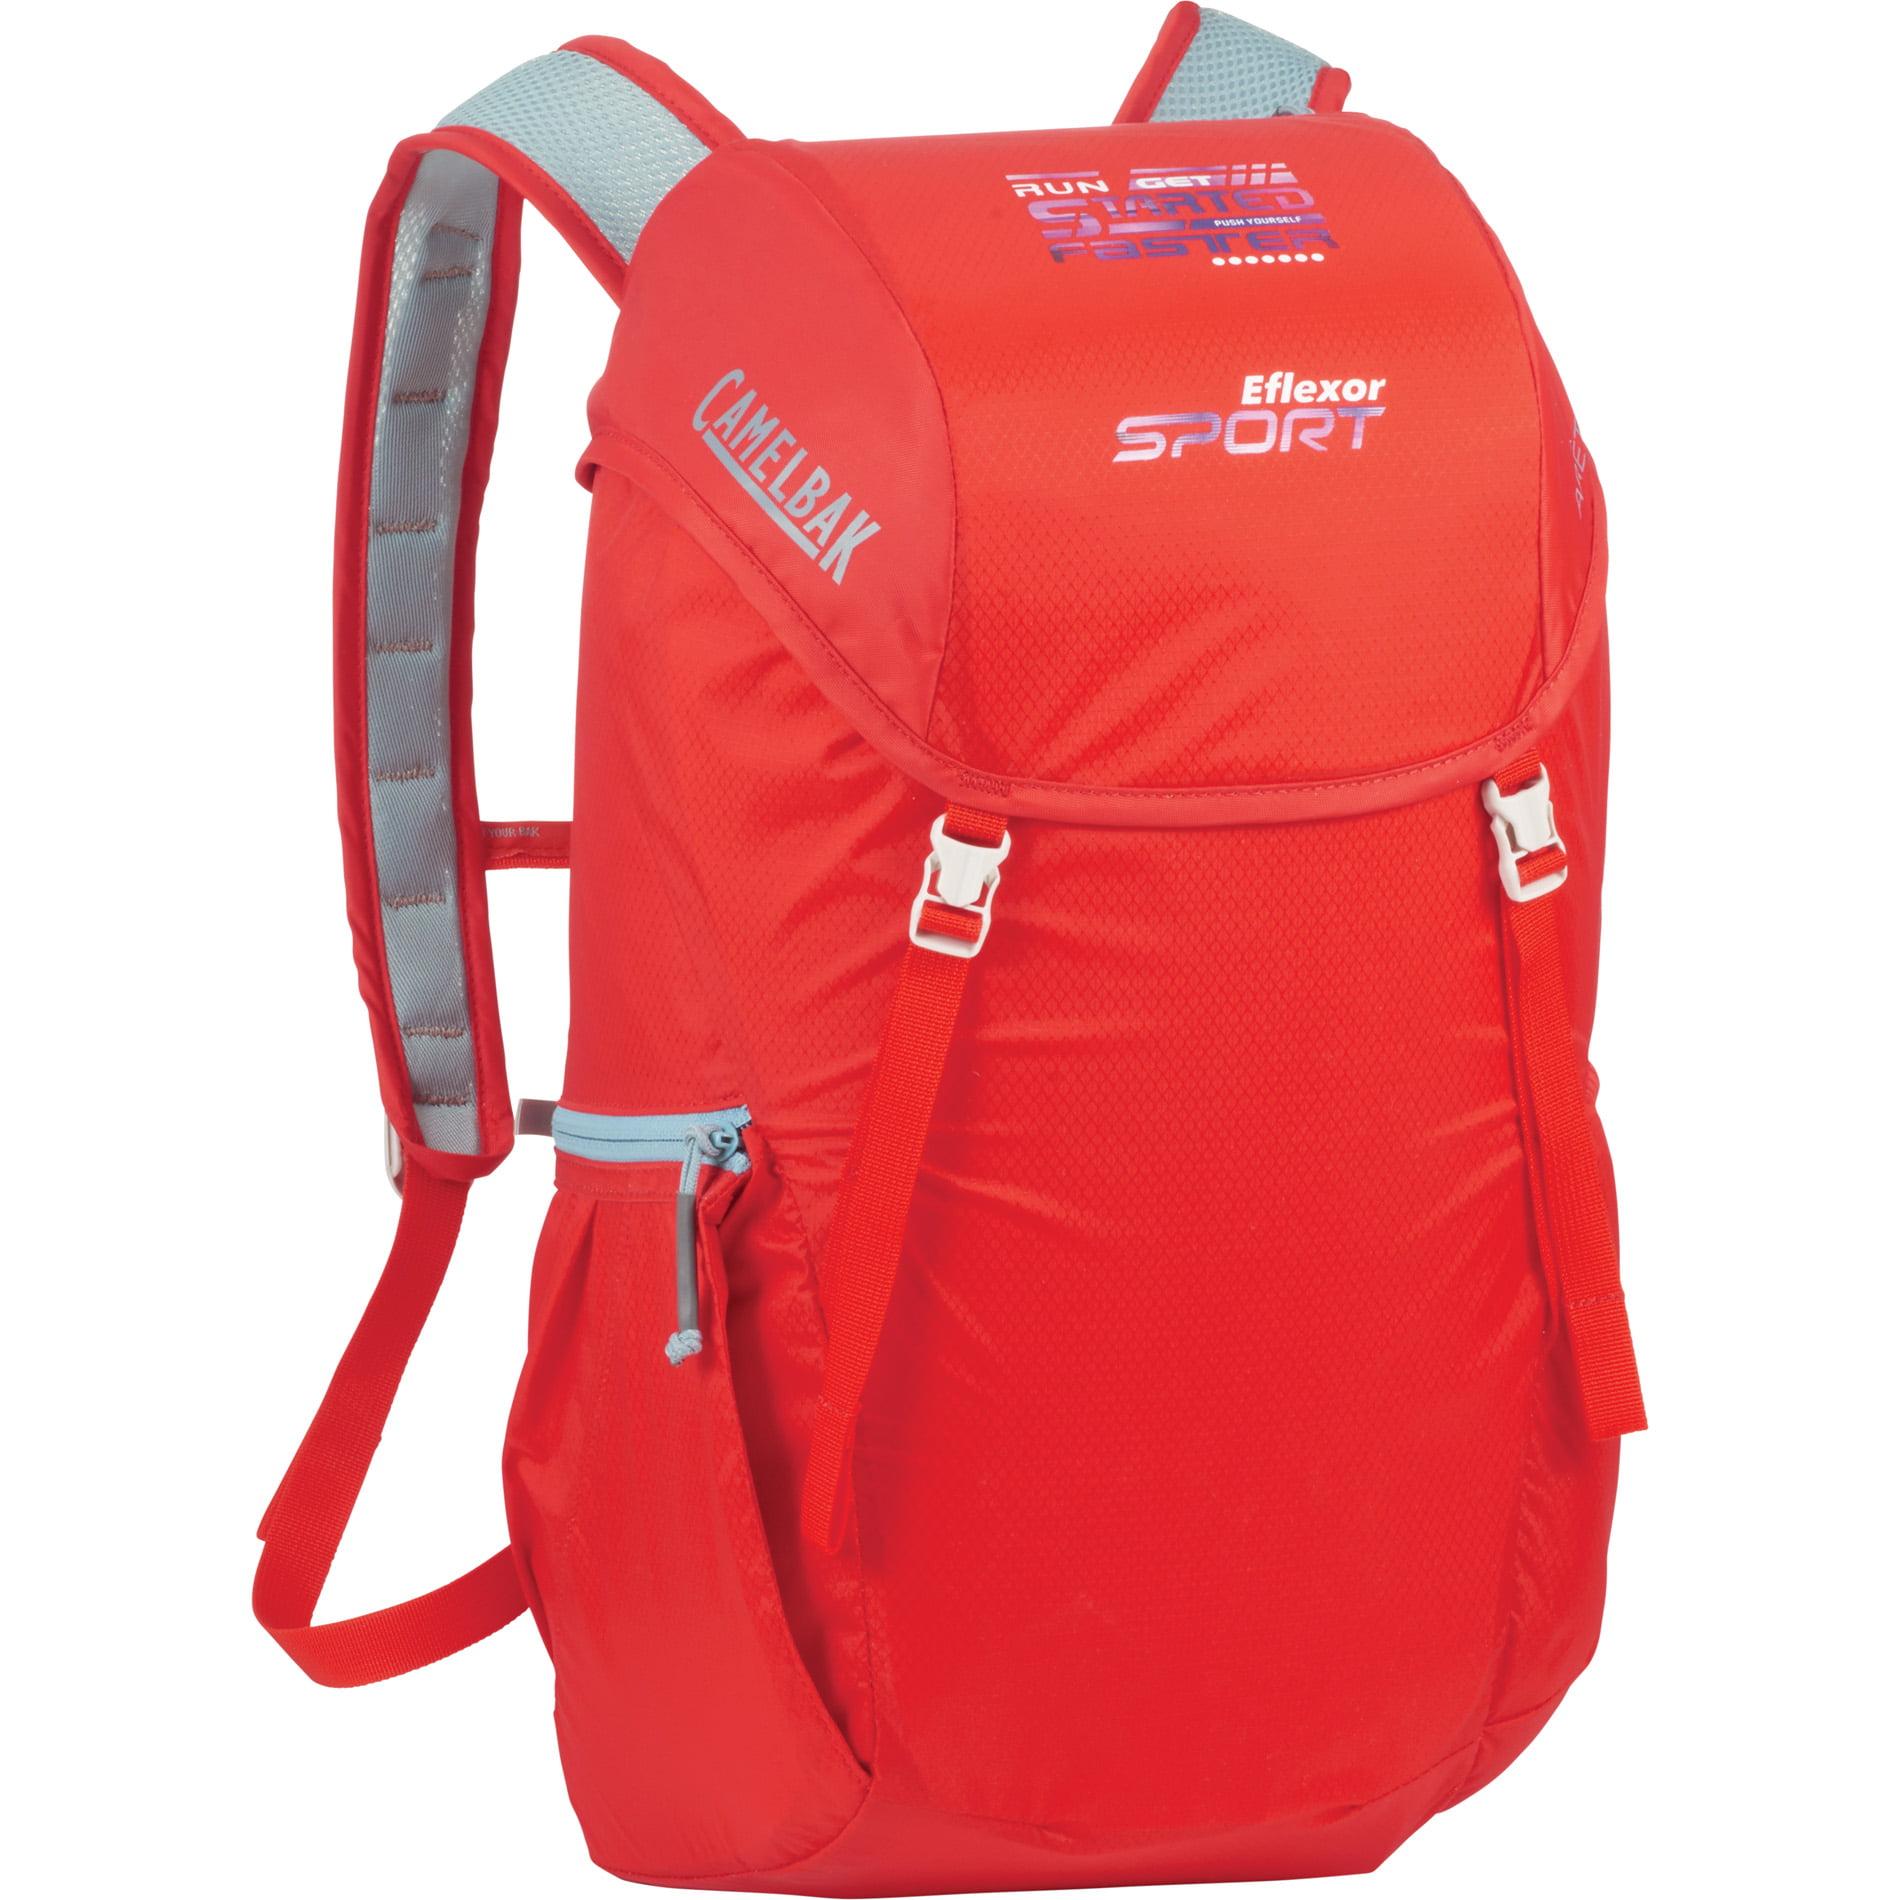 CamelBak Arete Backpack